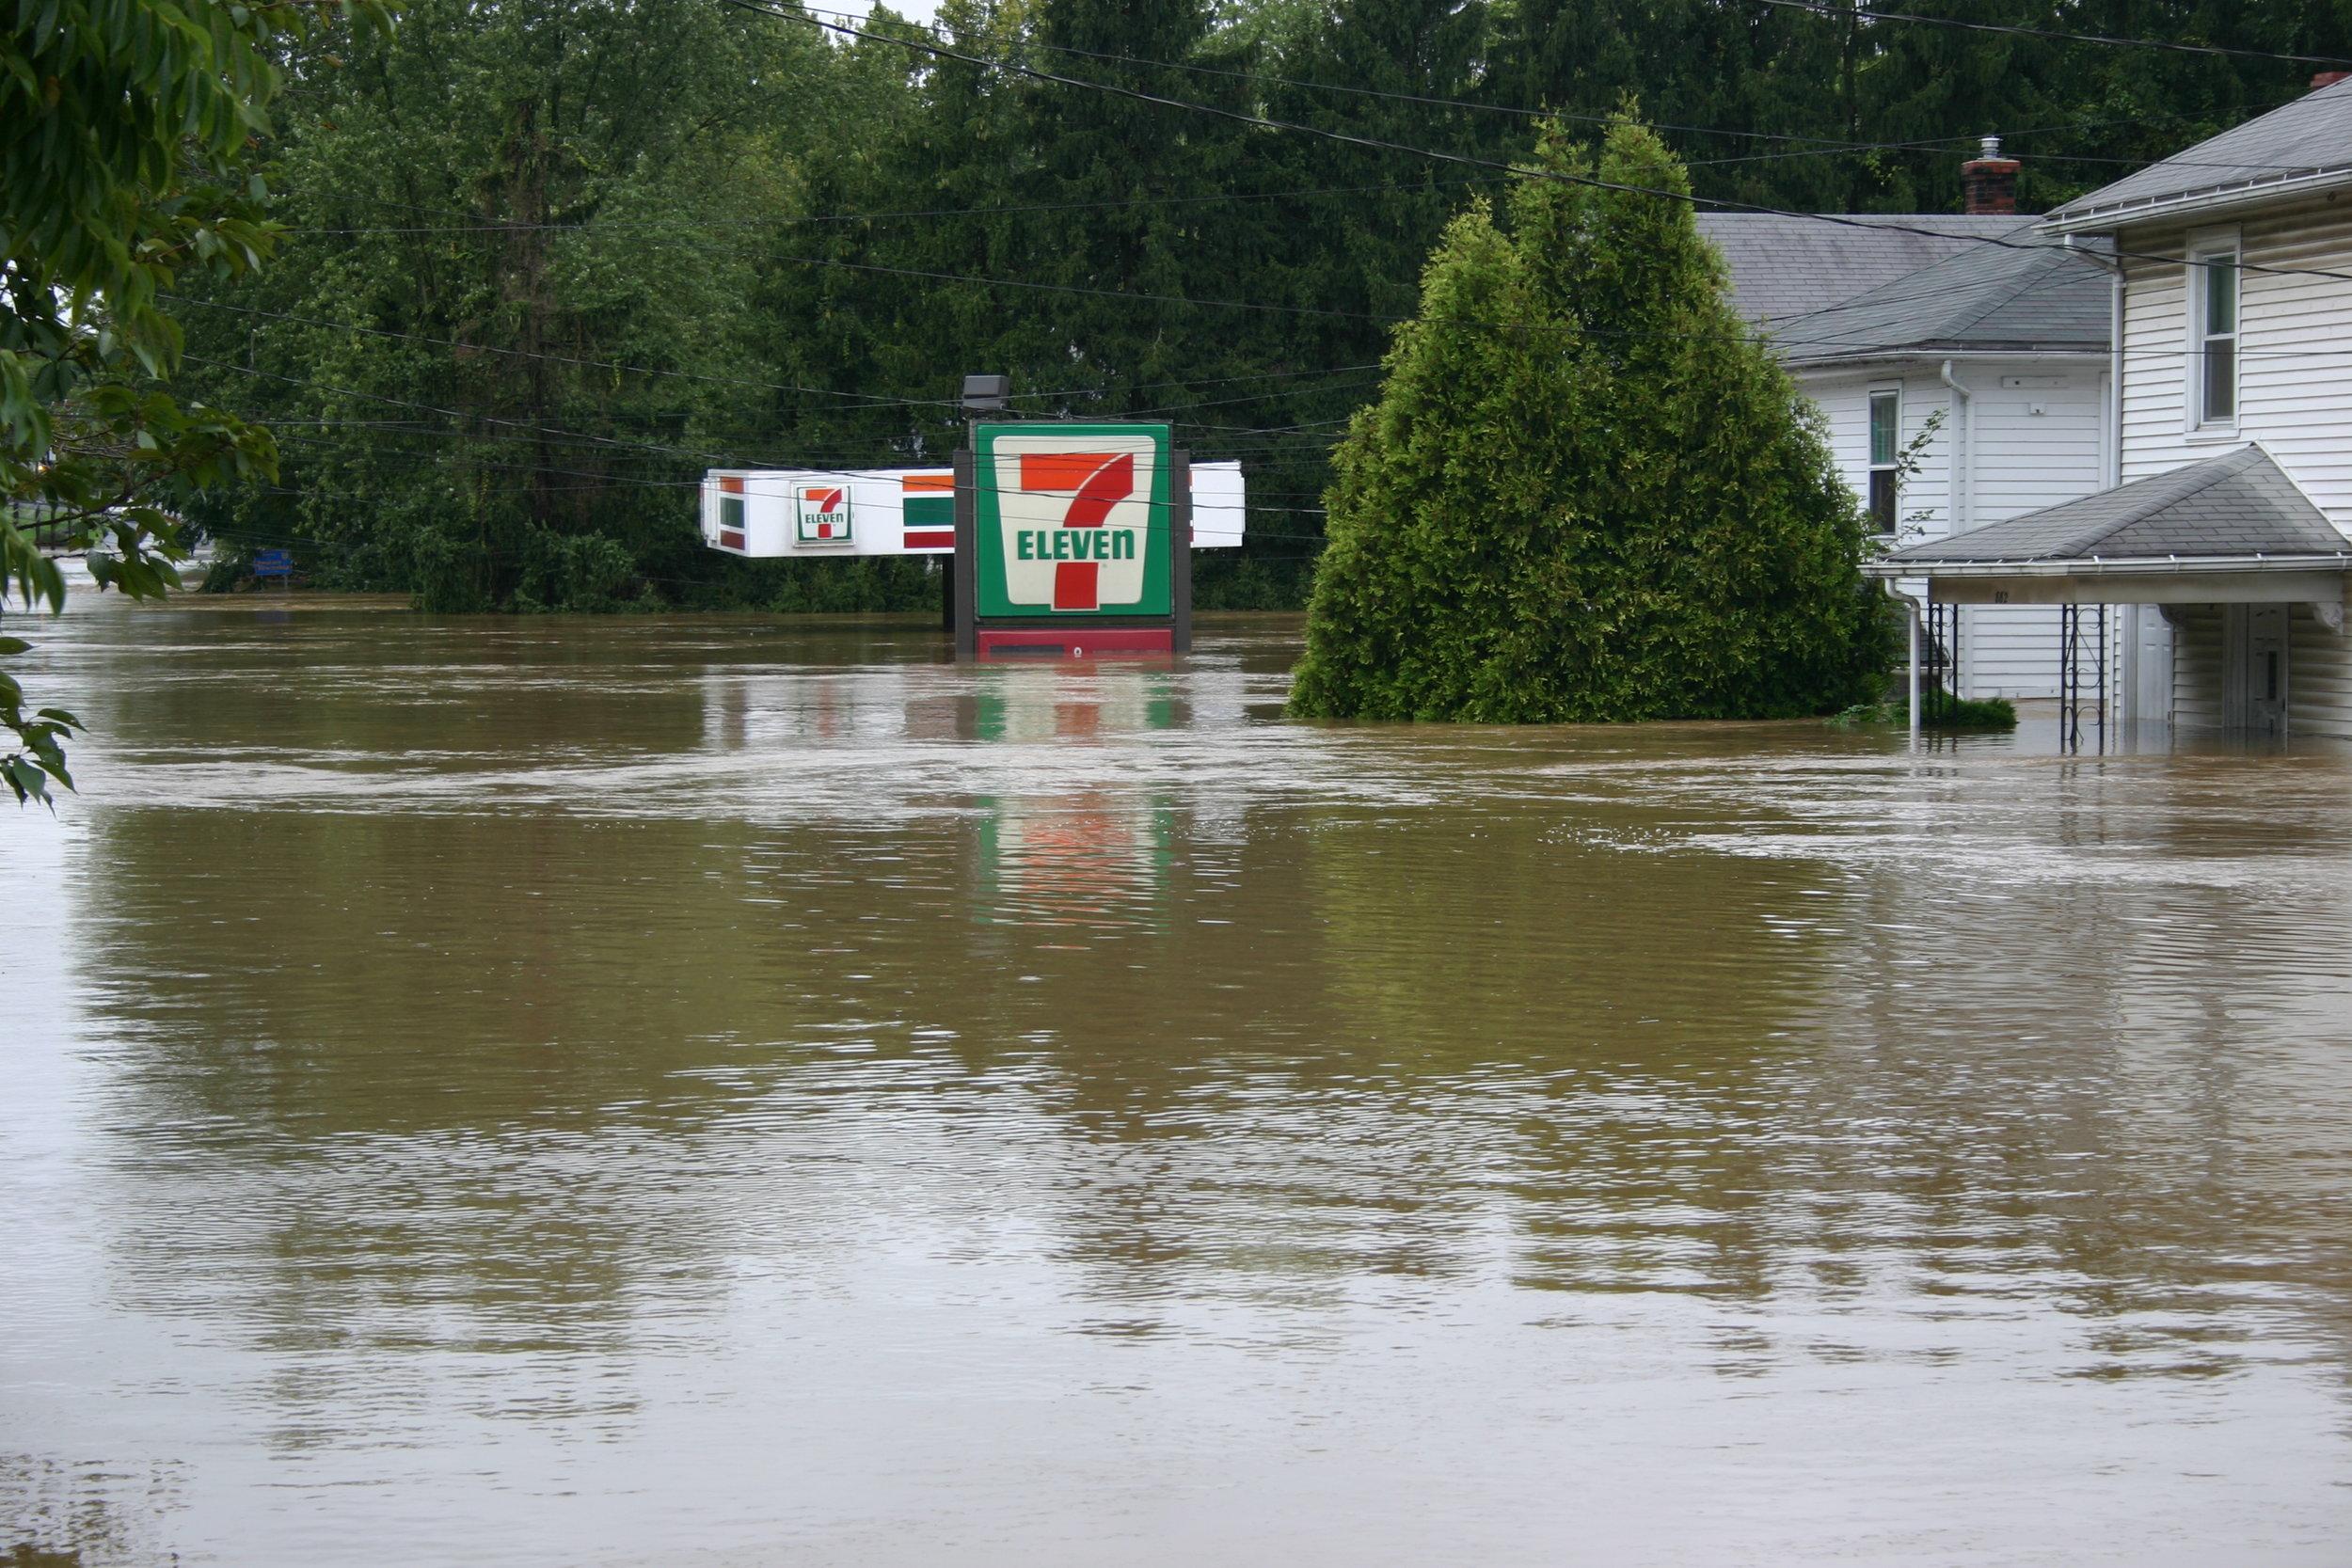 Floods in Hummelstown, Pa. (Jim McConkey)